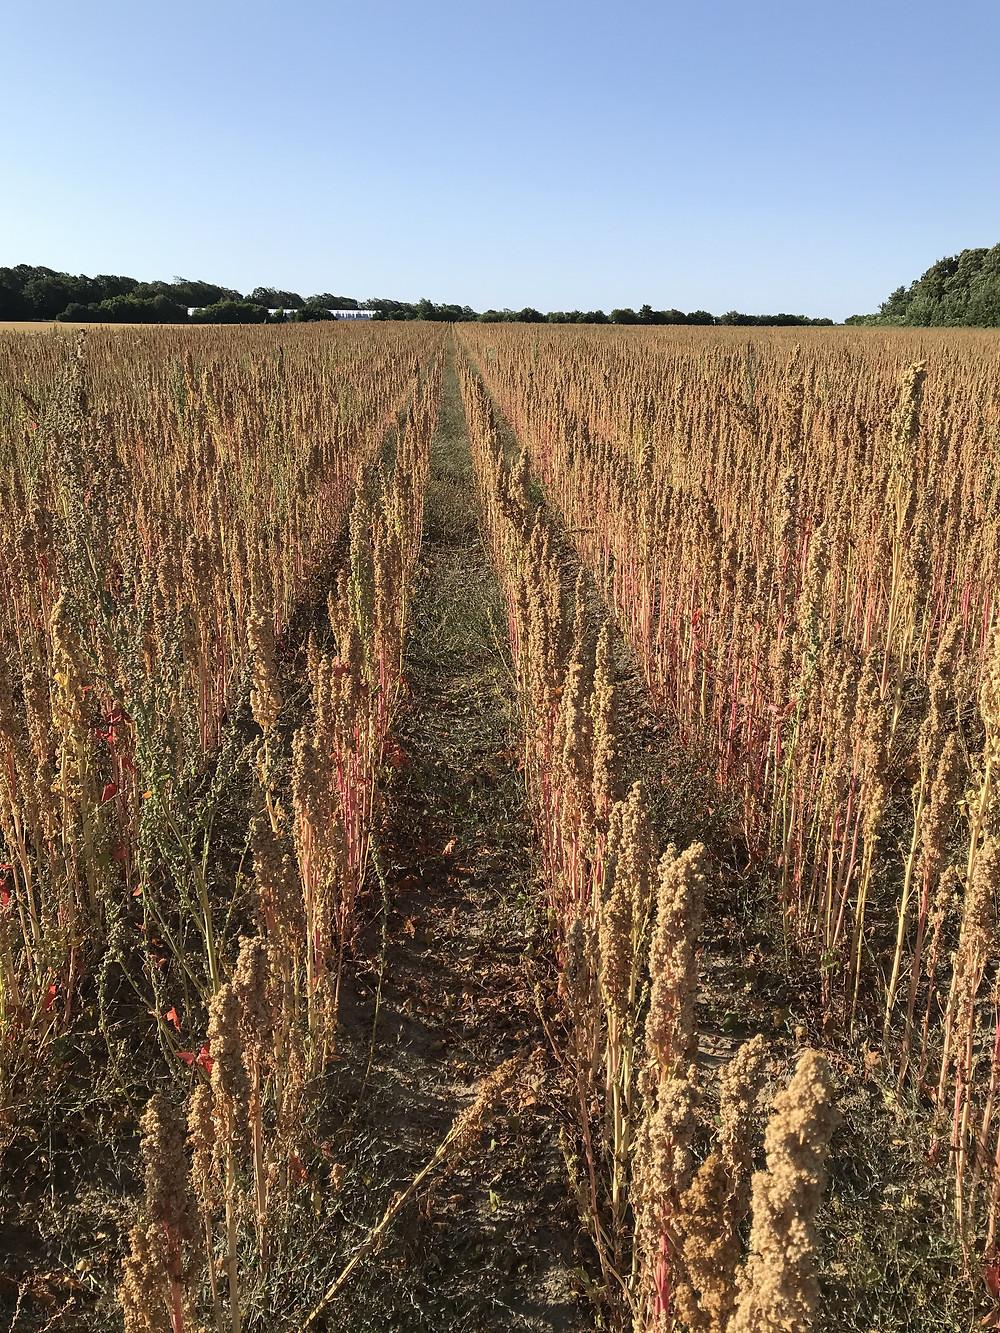 Quinoa field, Lolland, Denmark